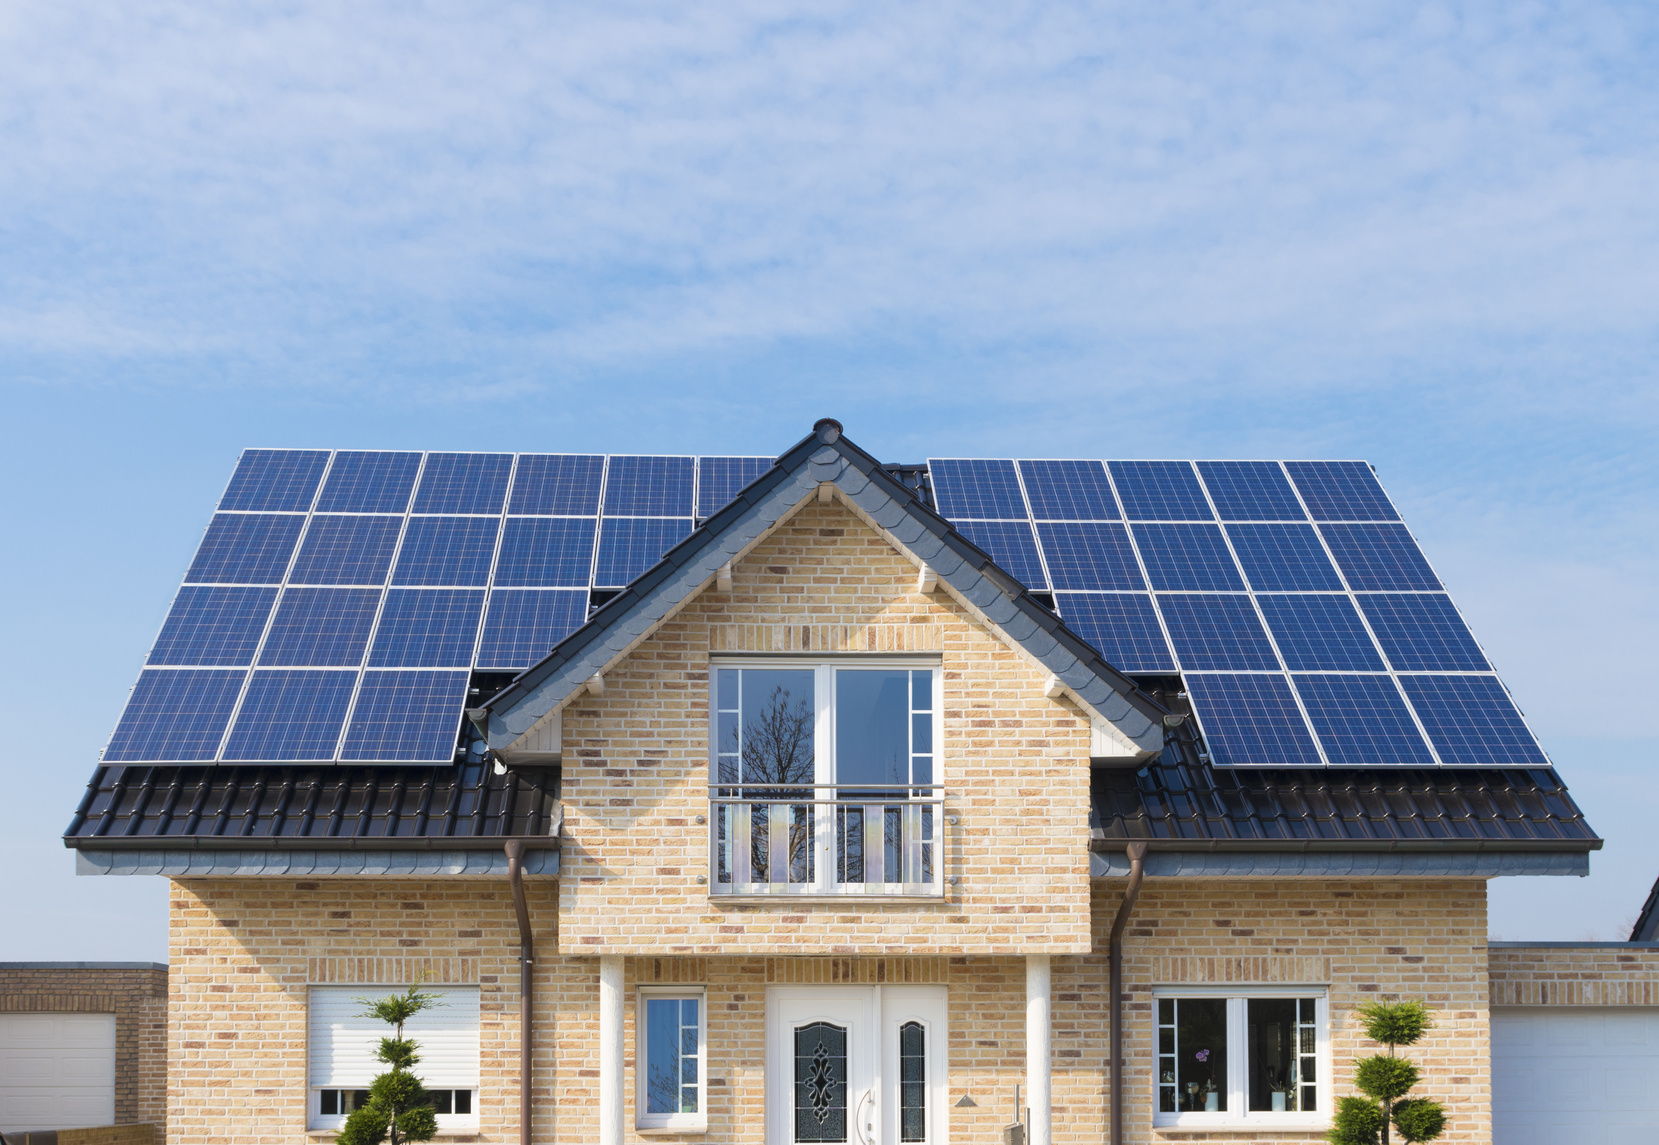 Cellule Photovoltaïque En Silicium Amorphe dedans les différents types de panneaux solaires et leurs caractéristiques